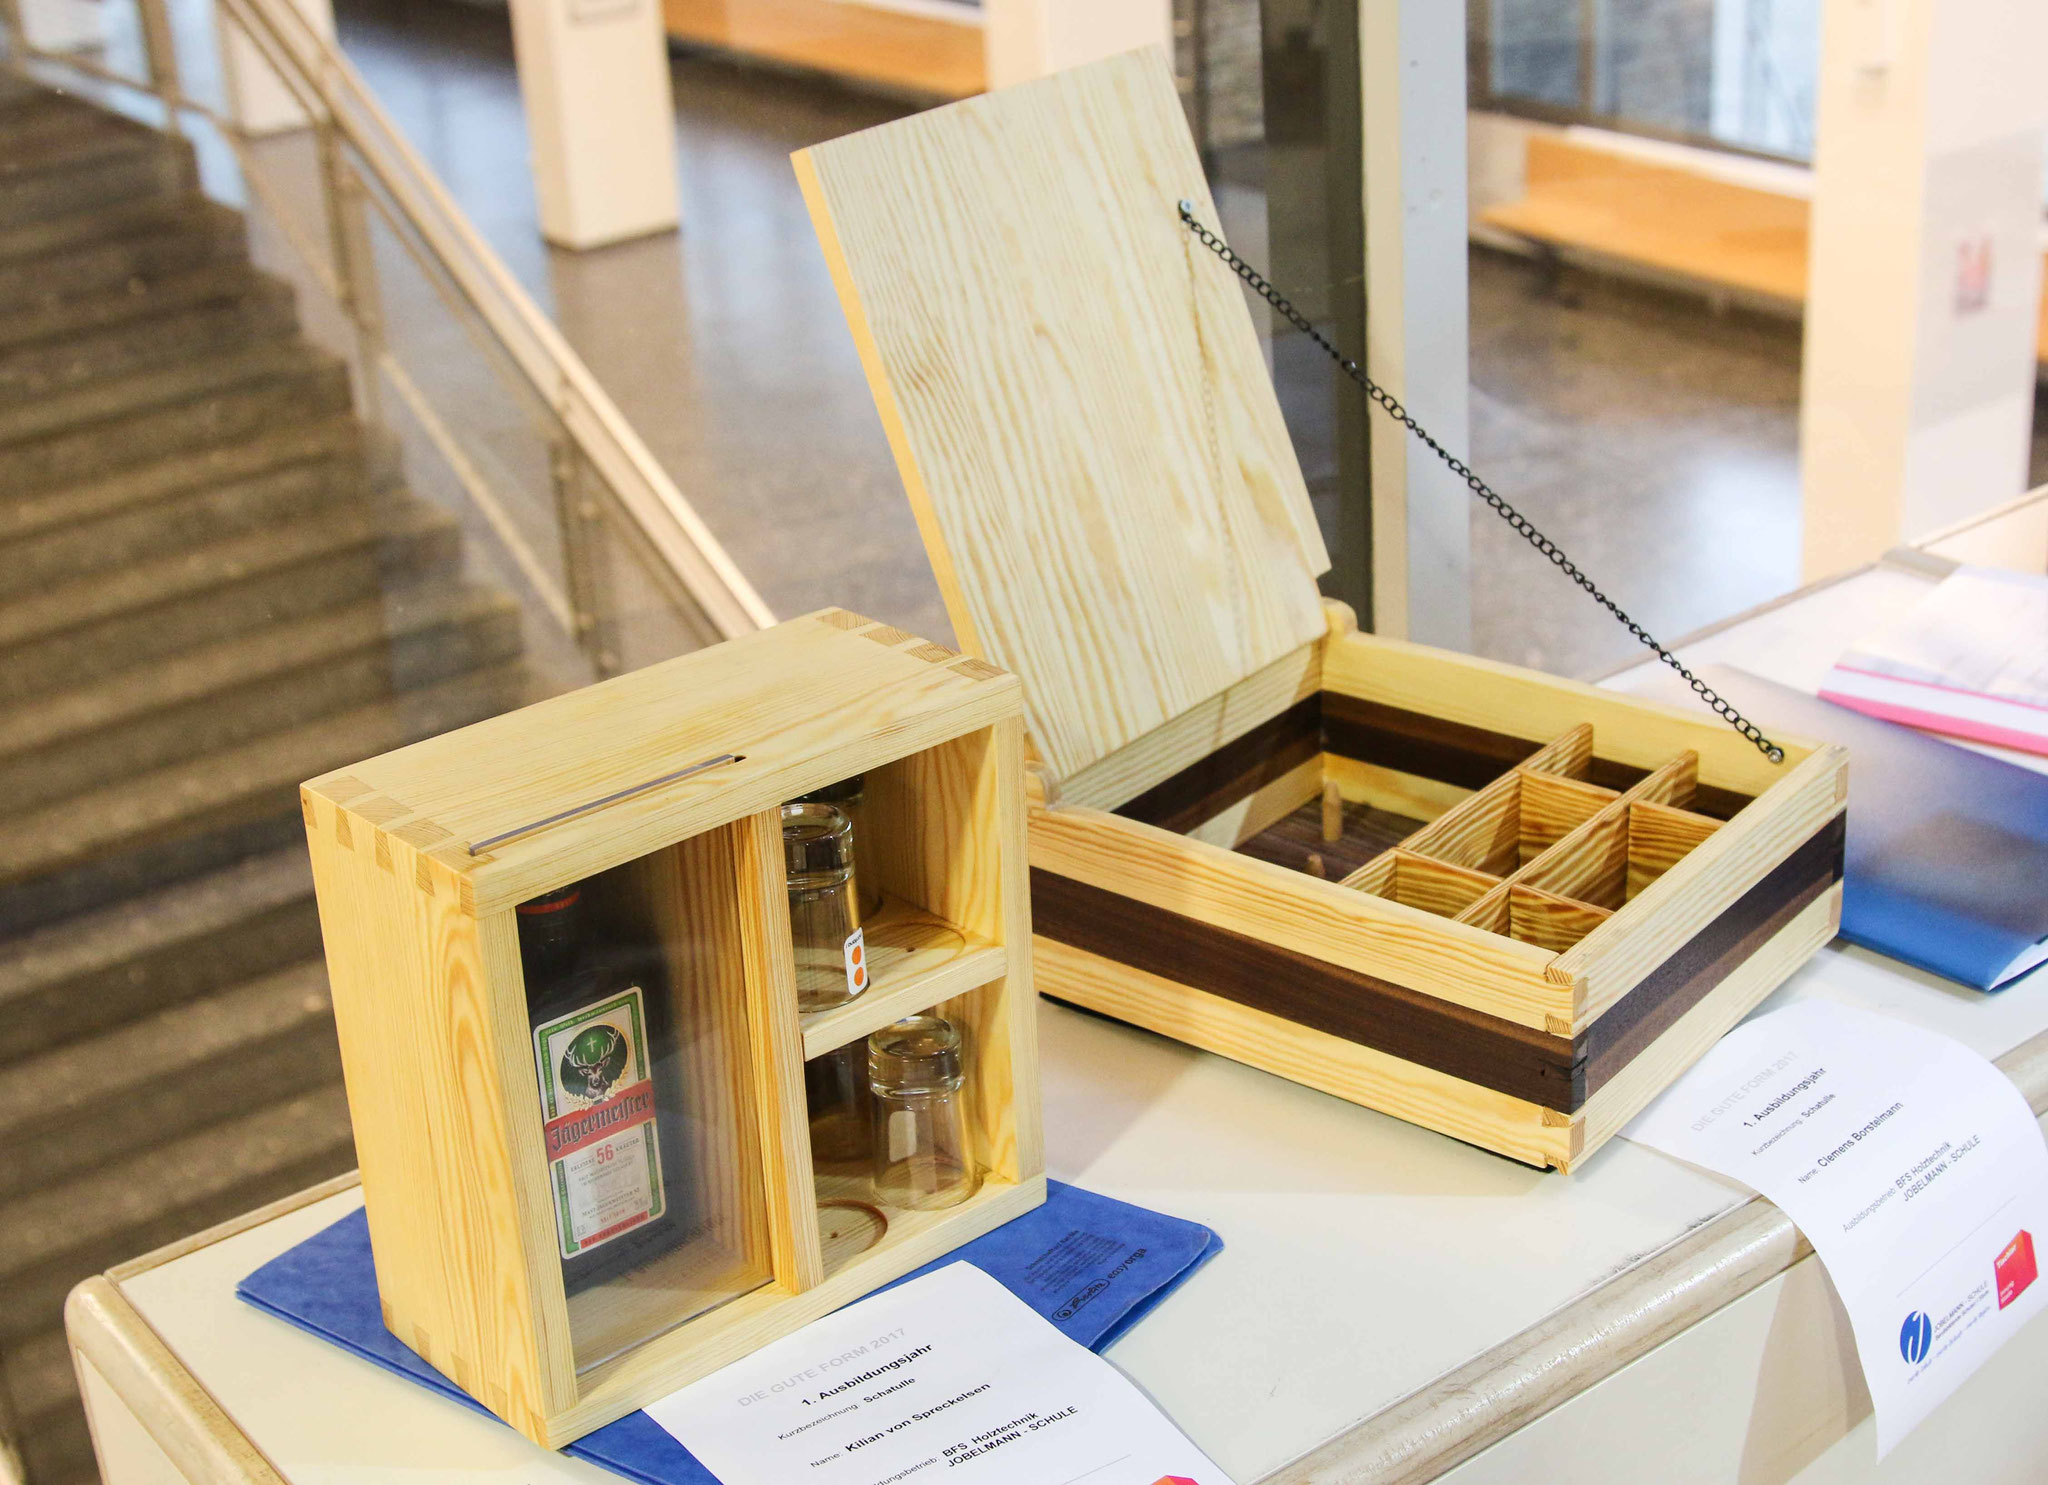 Schatullen des ersten Ausbildungsjahrganges Berufsfachschule Holztechnik